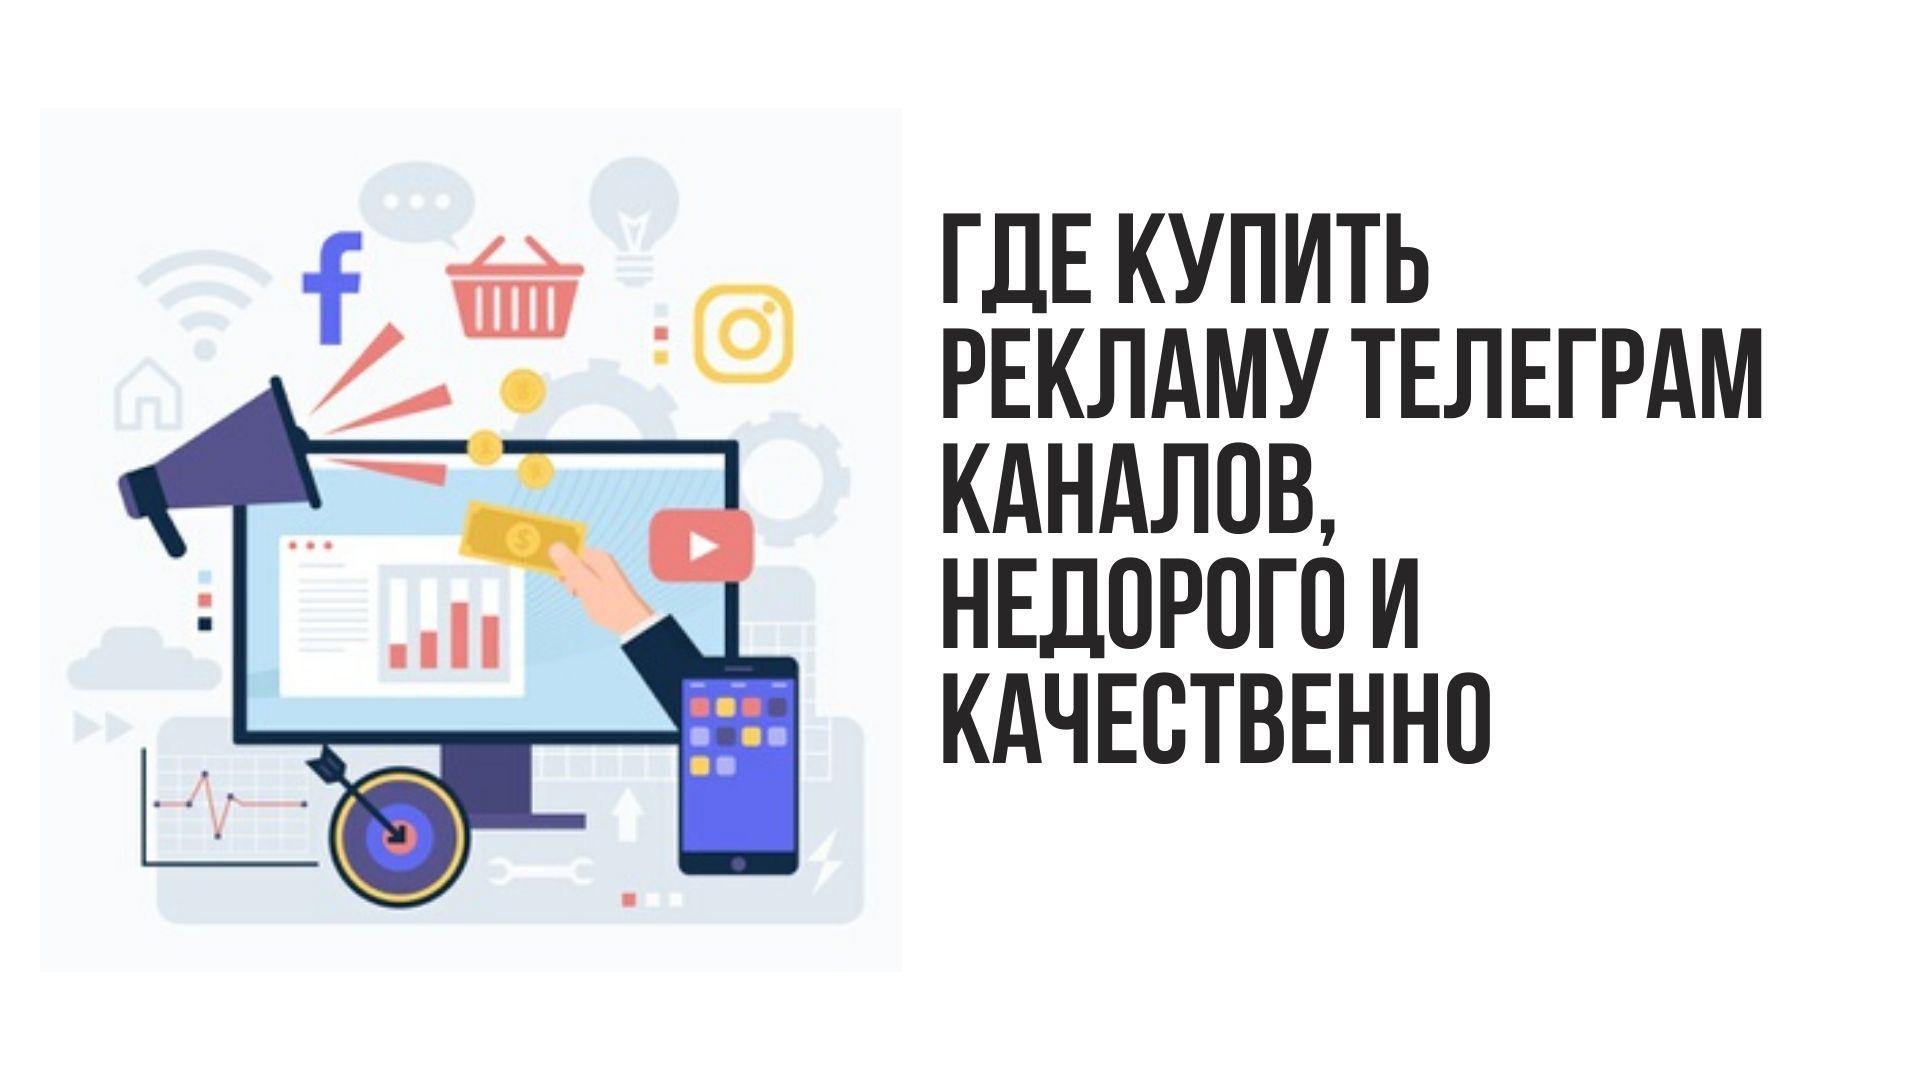 Превью статьи где купить рекламуТелеграм-каналов